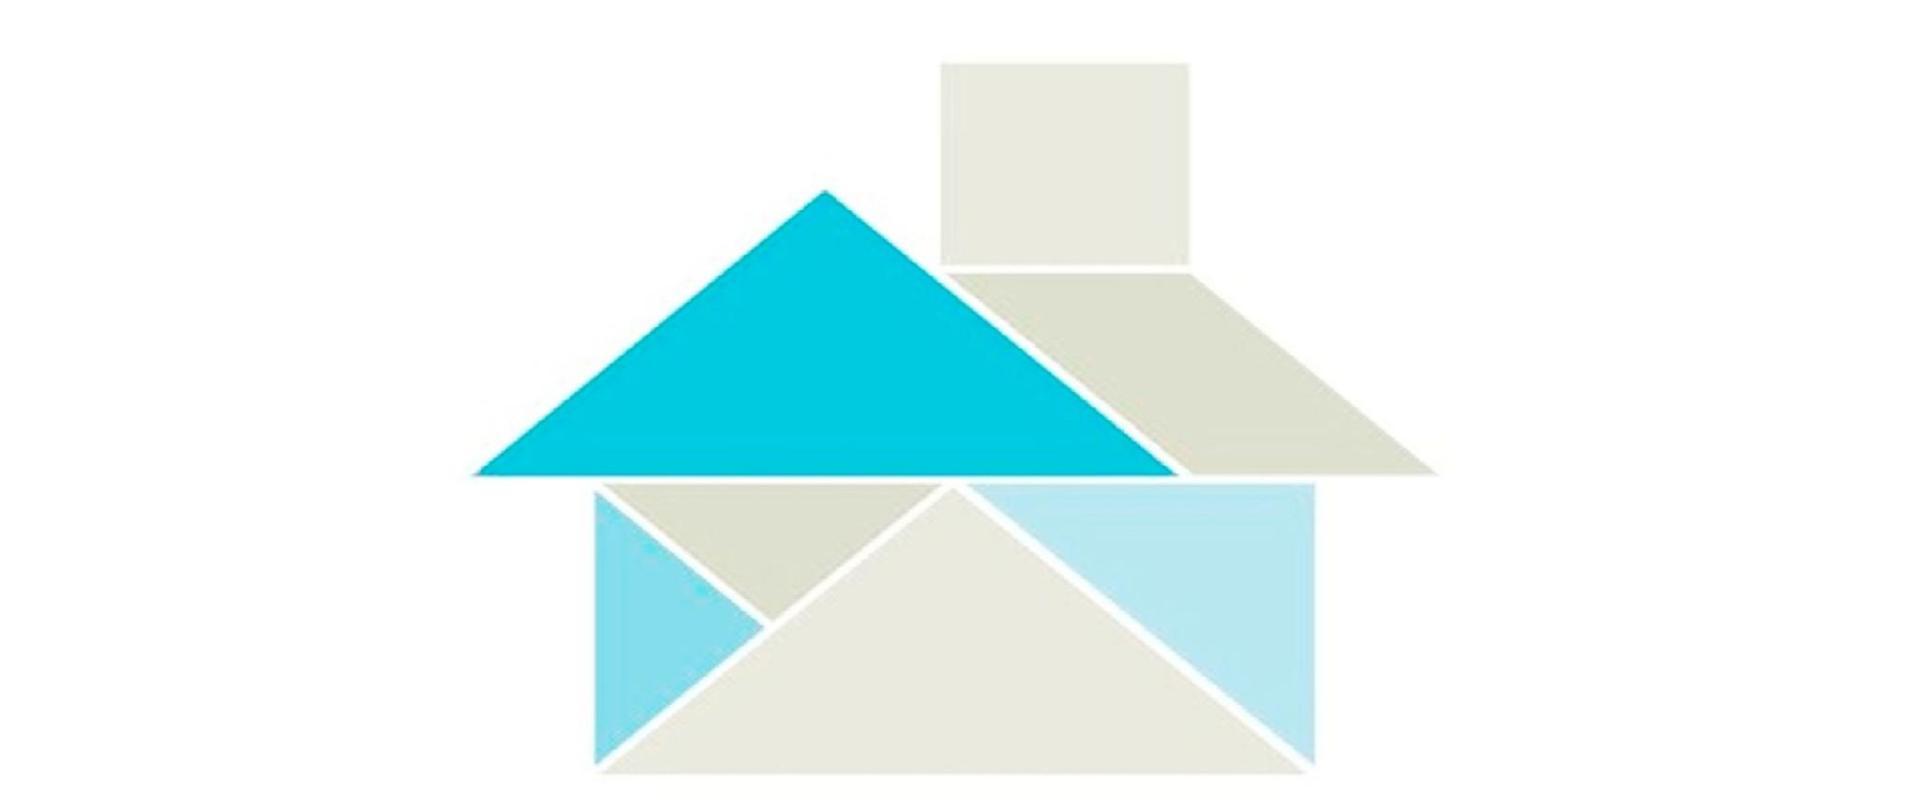 Tangram logo 2048x1536.jpg